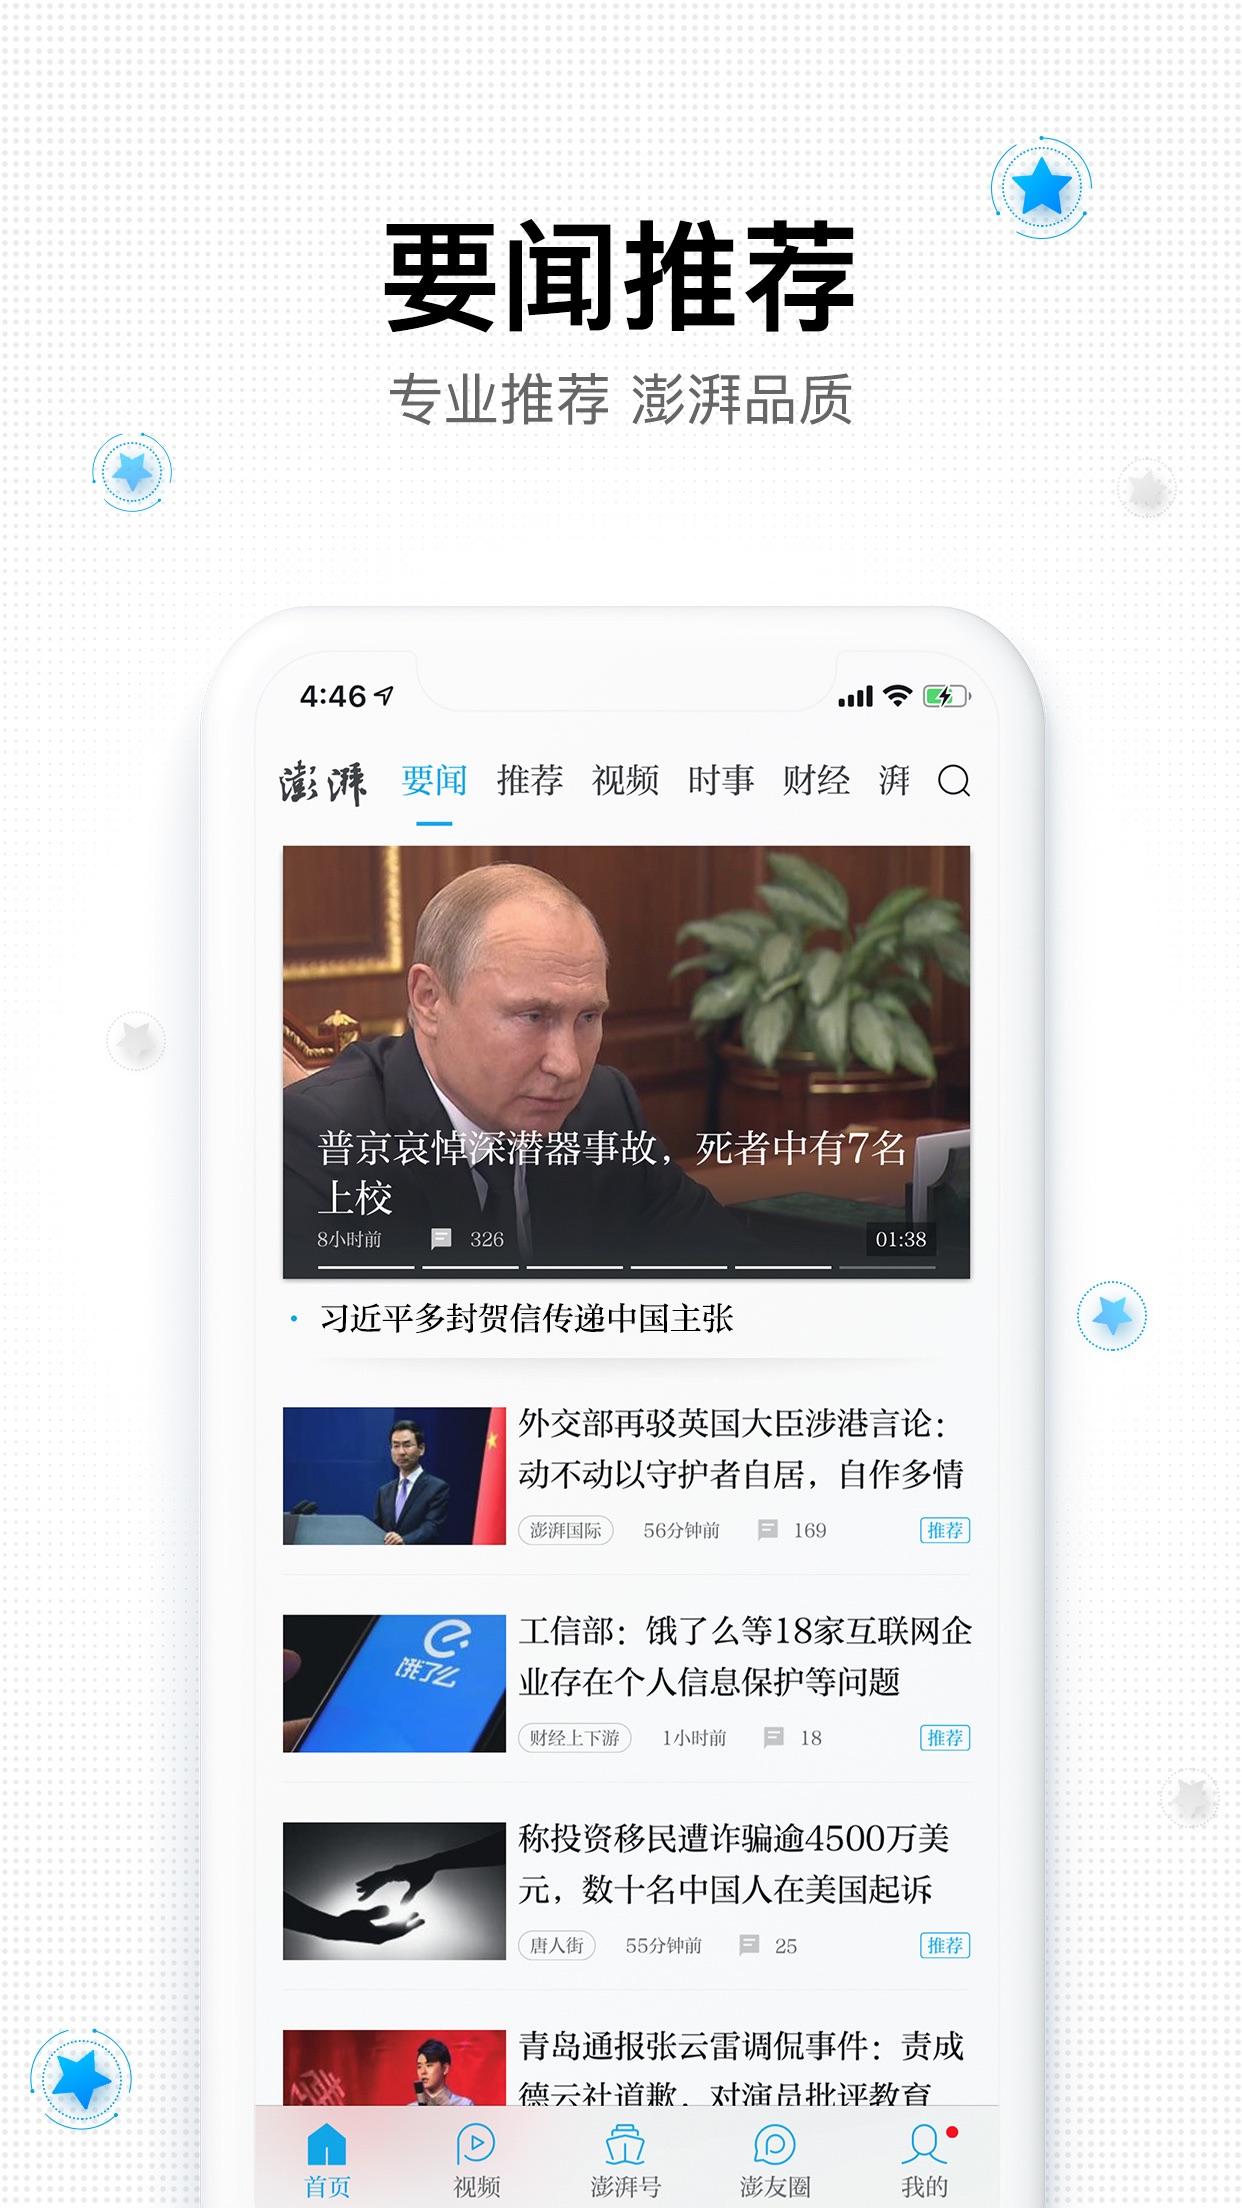 澎湃新闻-专注时政与思想的资讯阅读平台 Screenshot